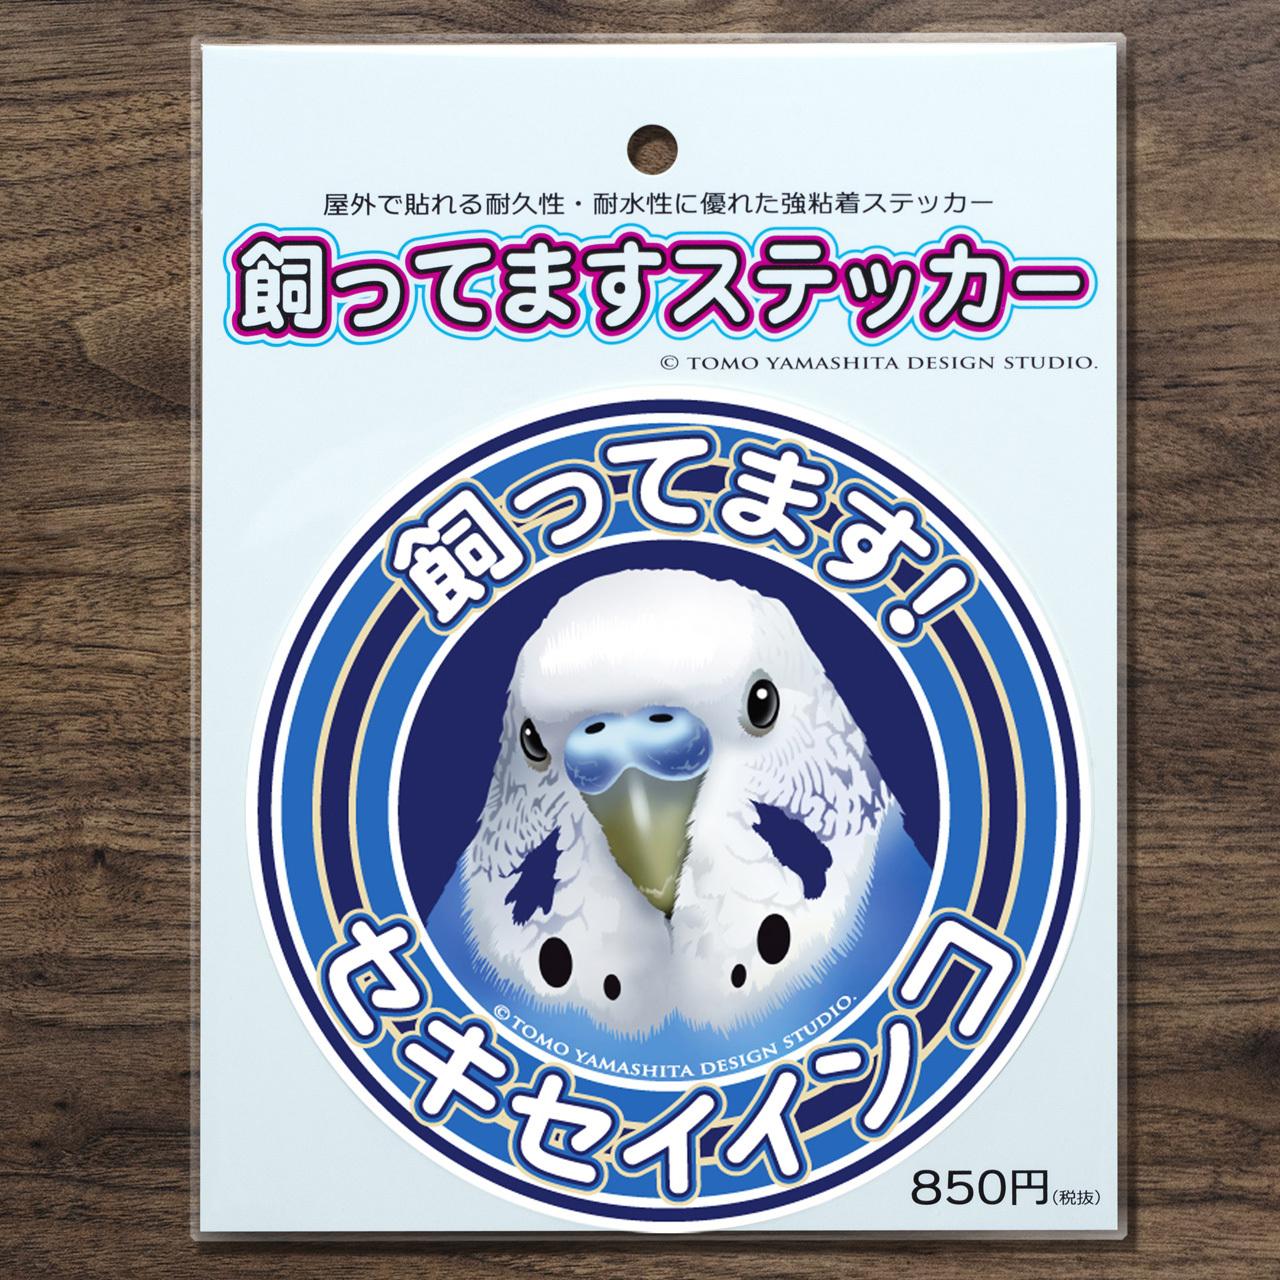 9997880【TOMO YAMASHITA DESIGN STUDIO】飼ってますステッカー セキセイ/ブルー◆